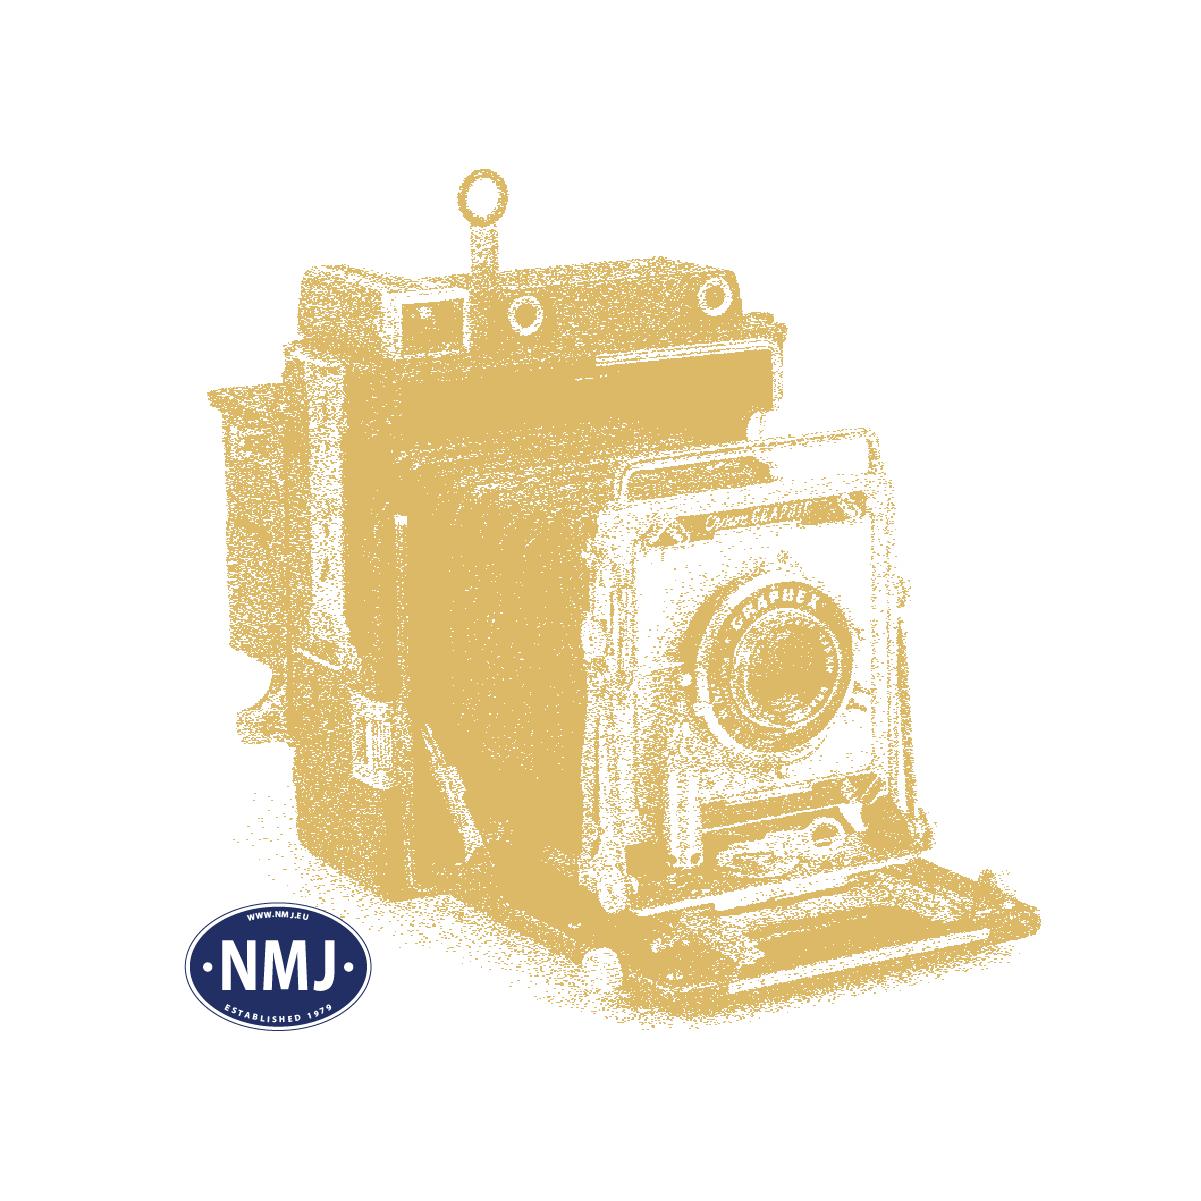 NMJT503.111 - NMJ Topline NSB Lukket Godsvogn G4 15408